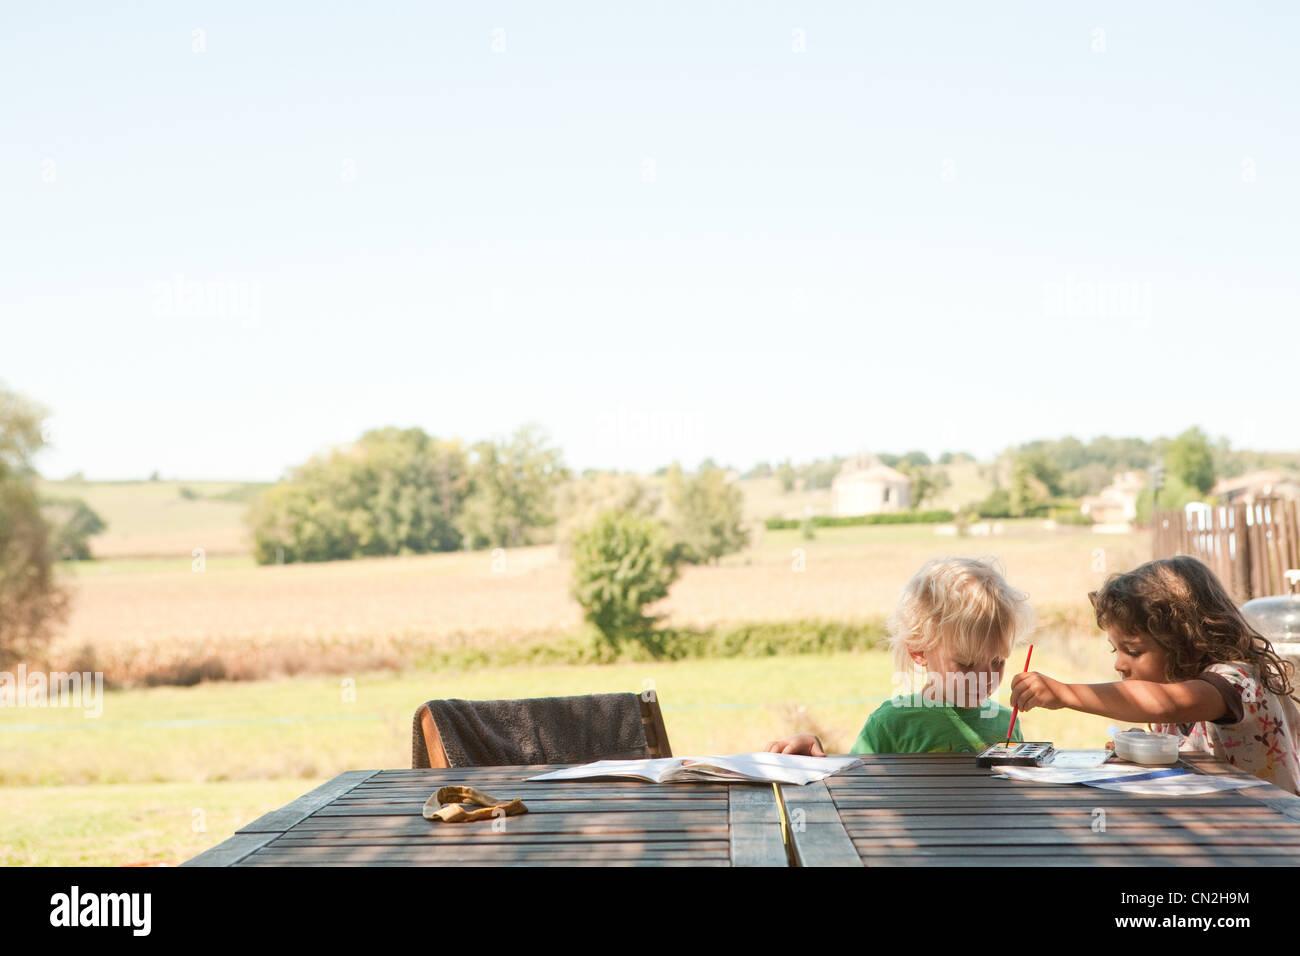 Frère et sœur à l'extérieur peinture Photo Stock